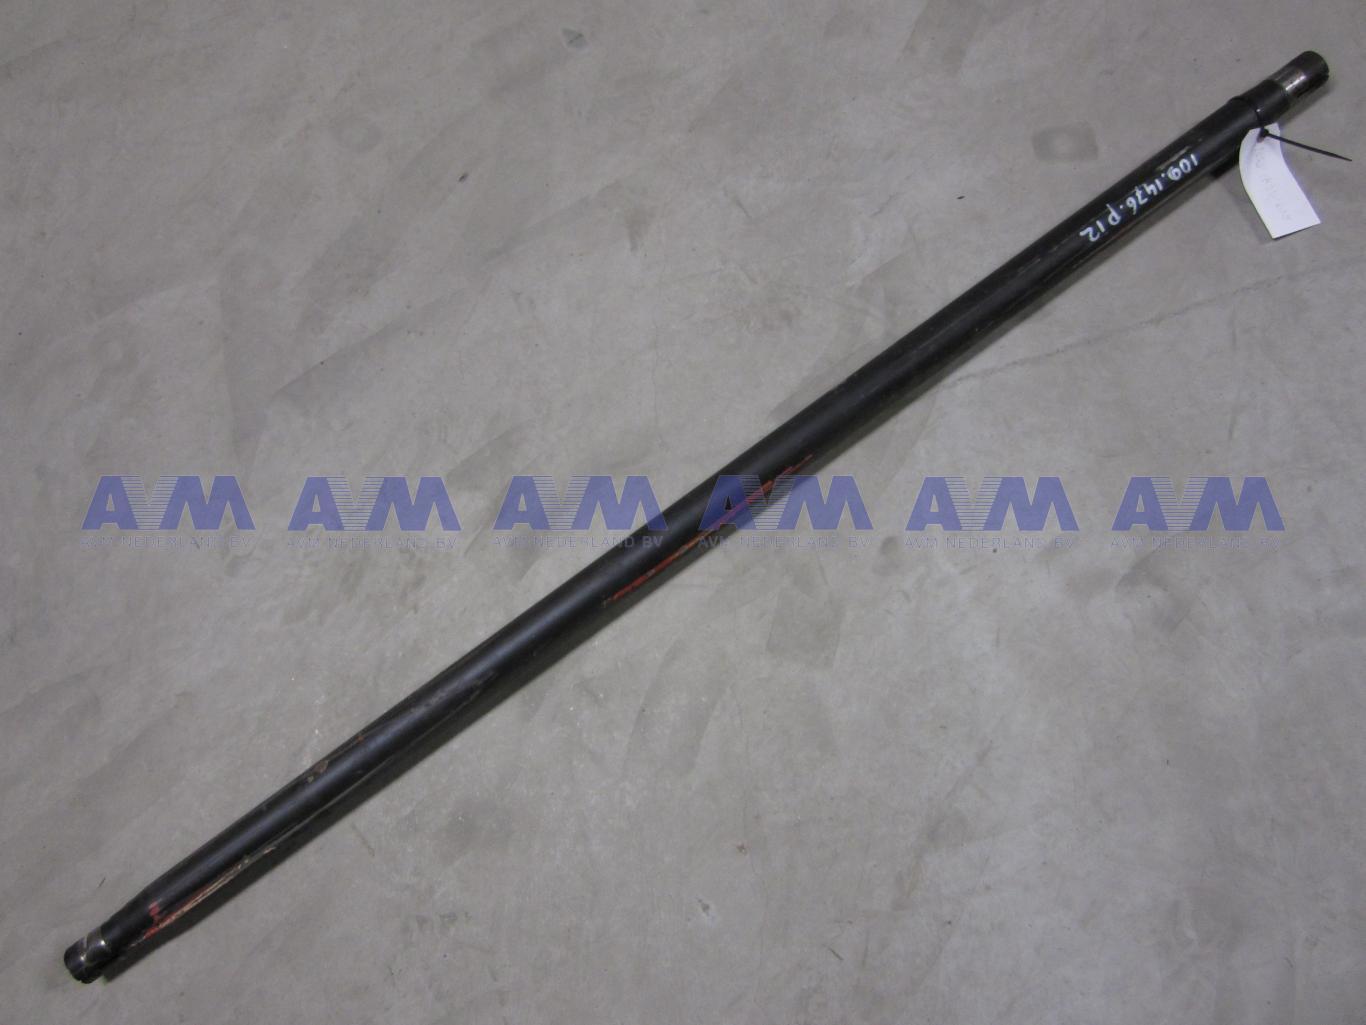 Spoorstang L=1688/1575 mm 81.4829.P11 Kessler